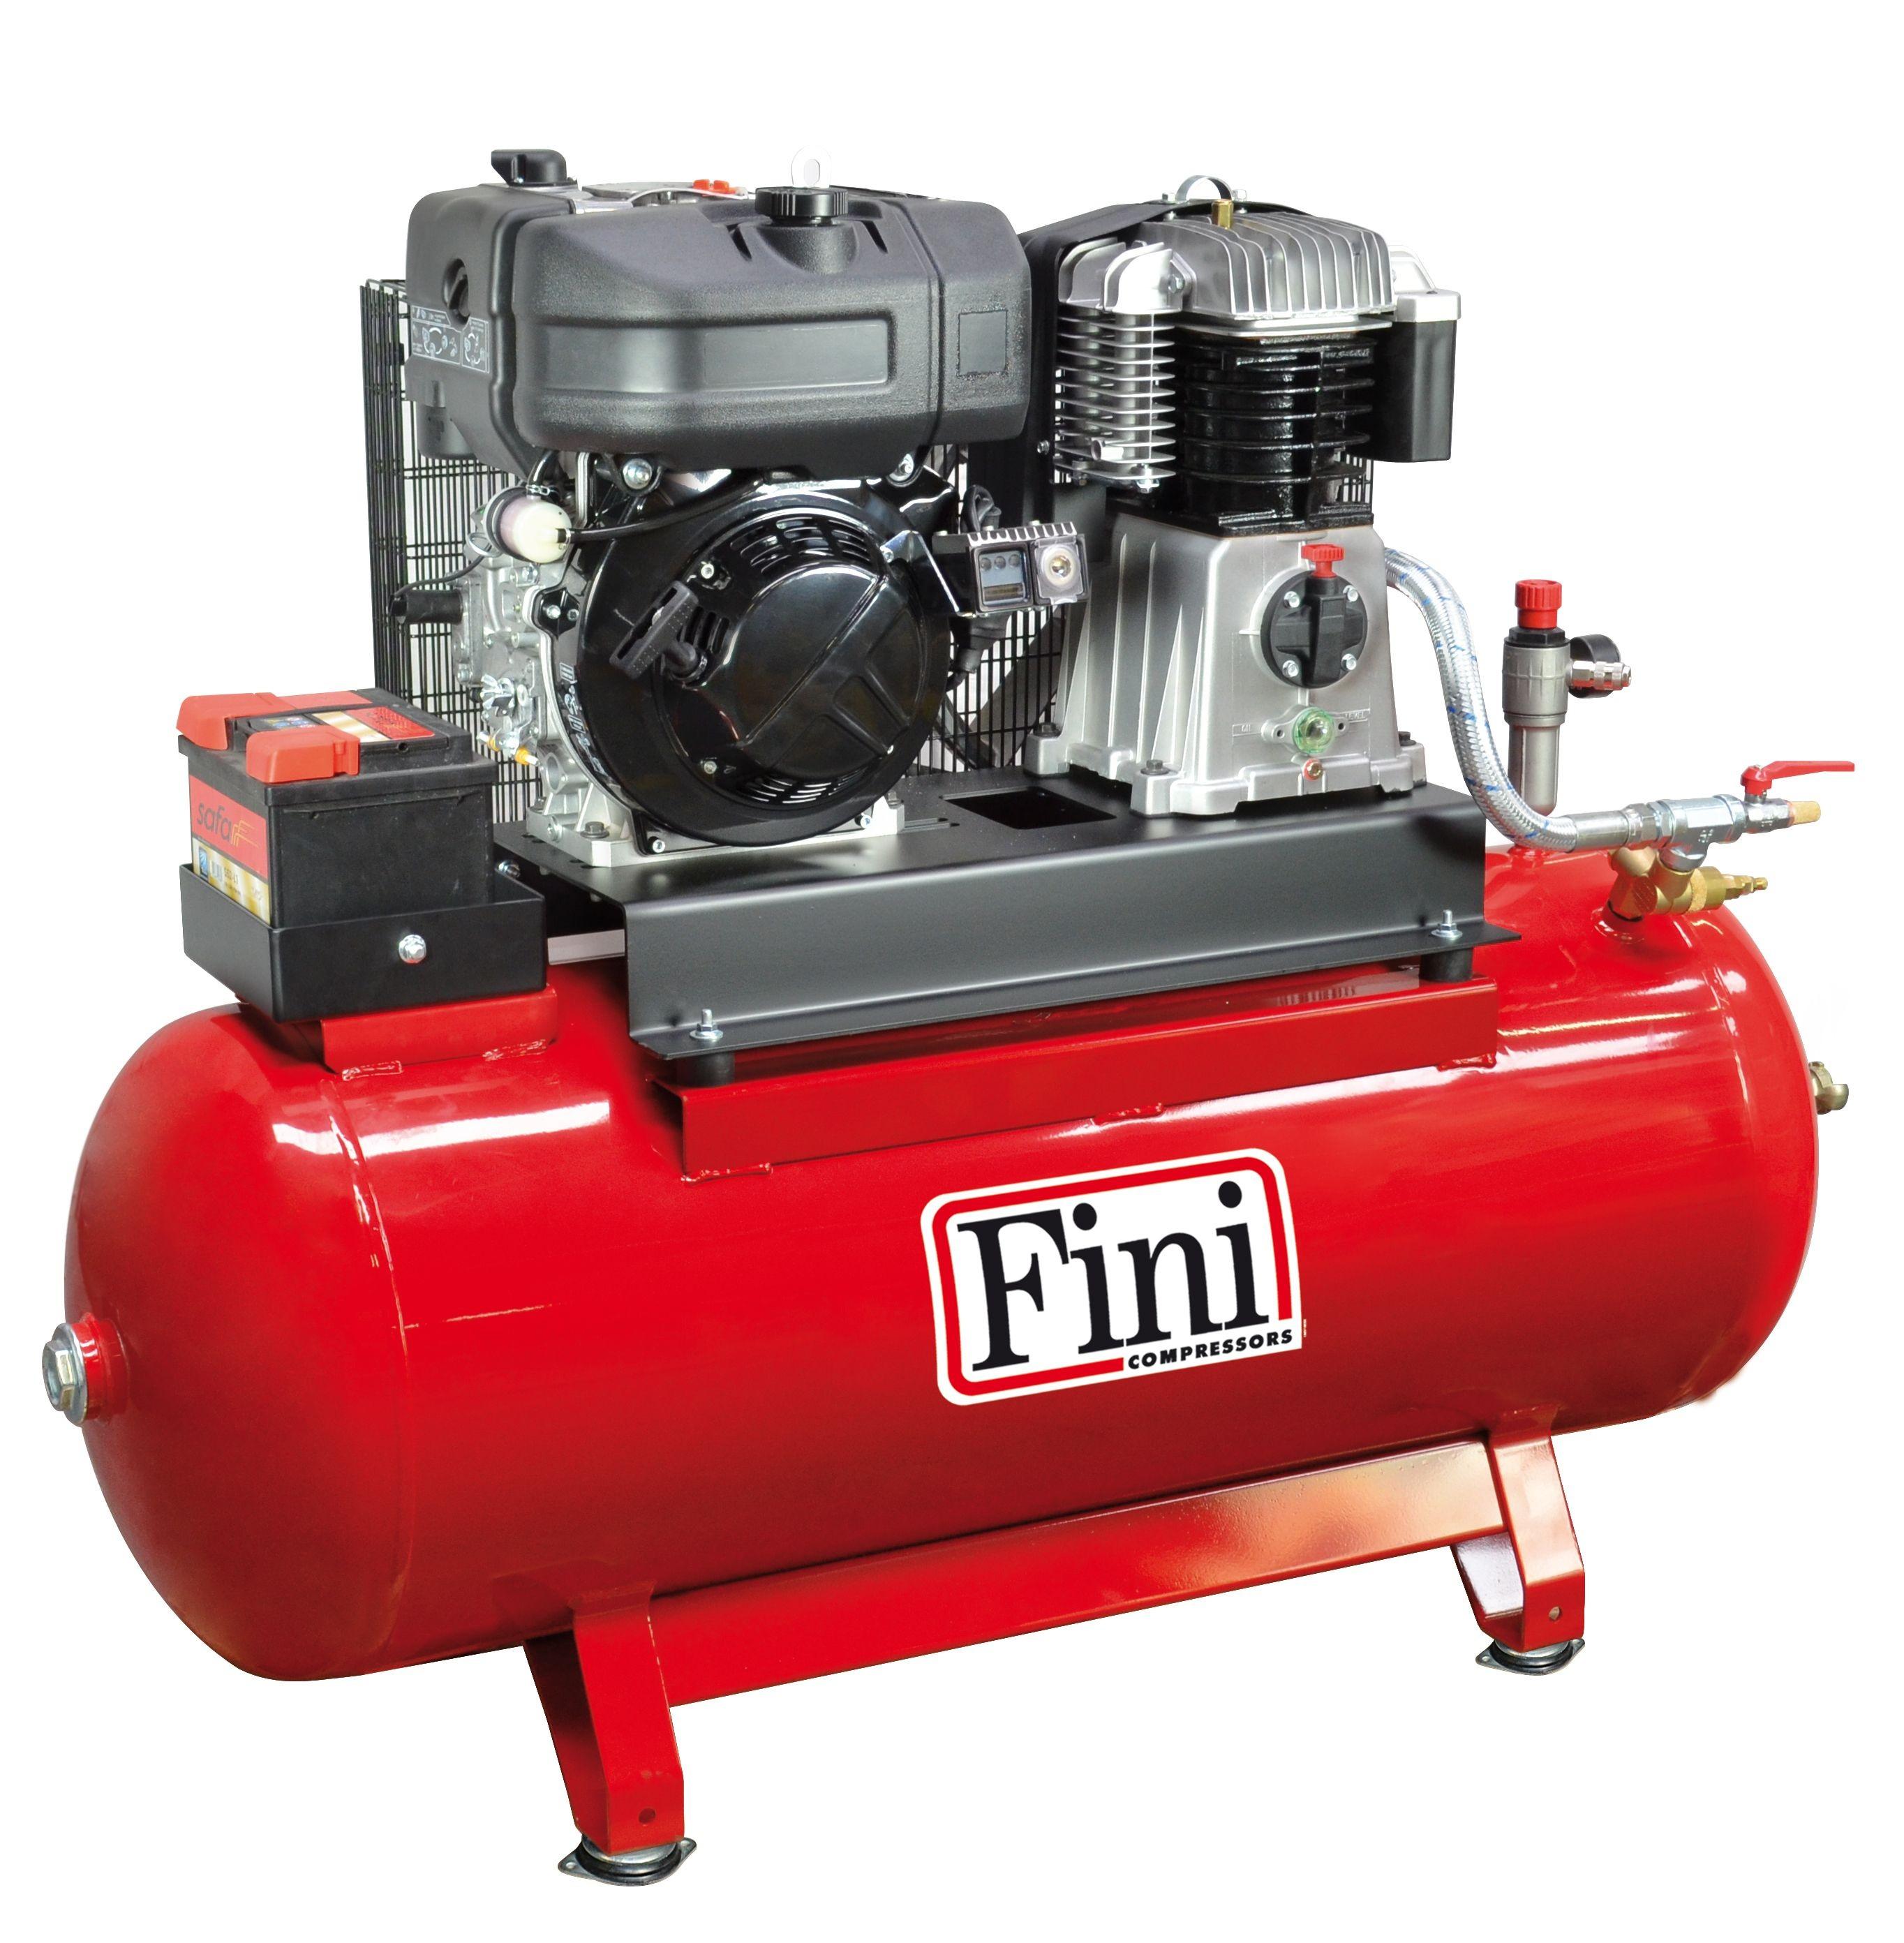 Építőipari kompresszorok (2,2-6,6 kW)